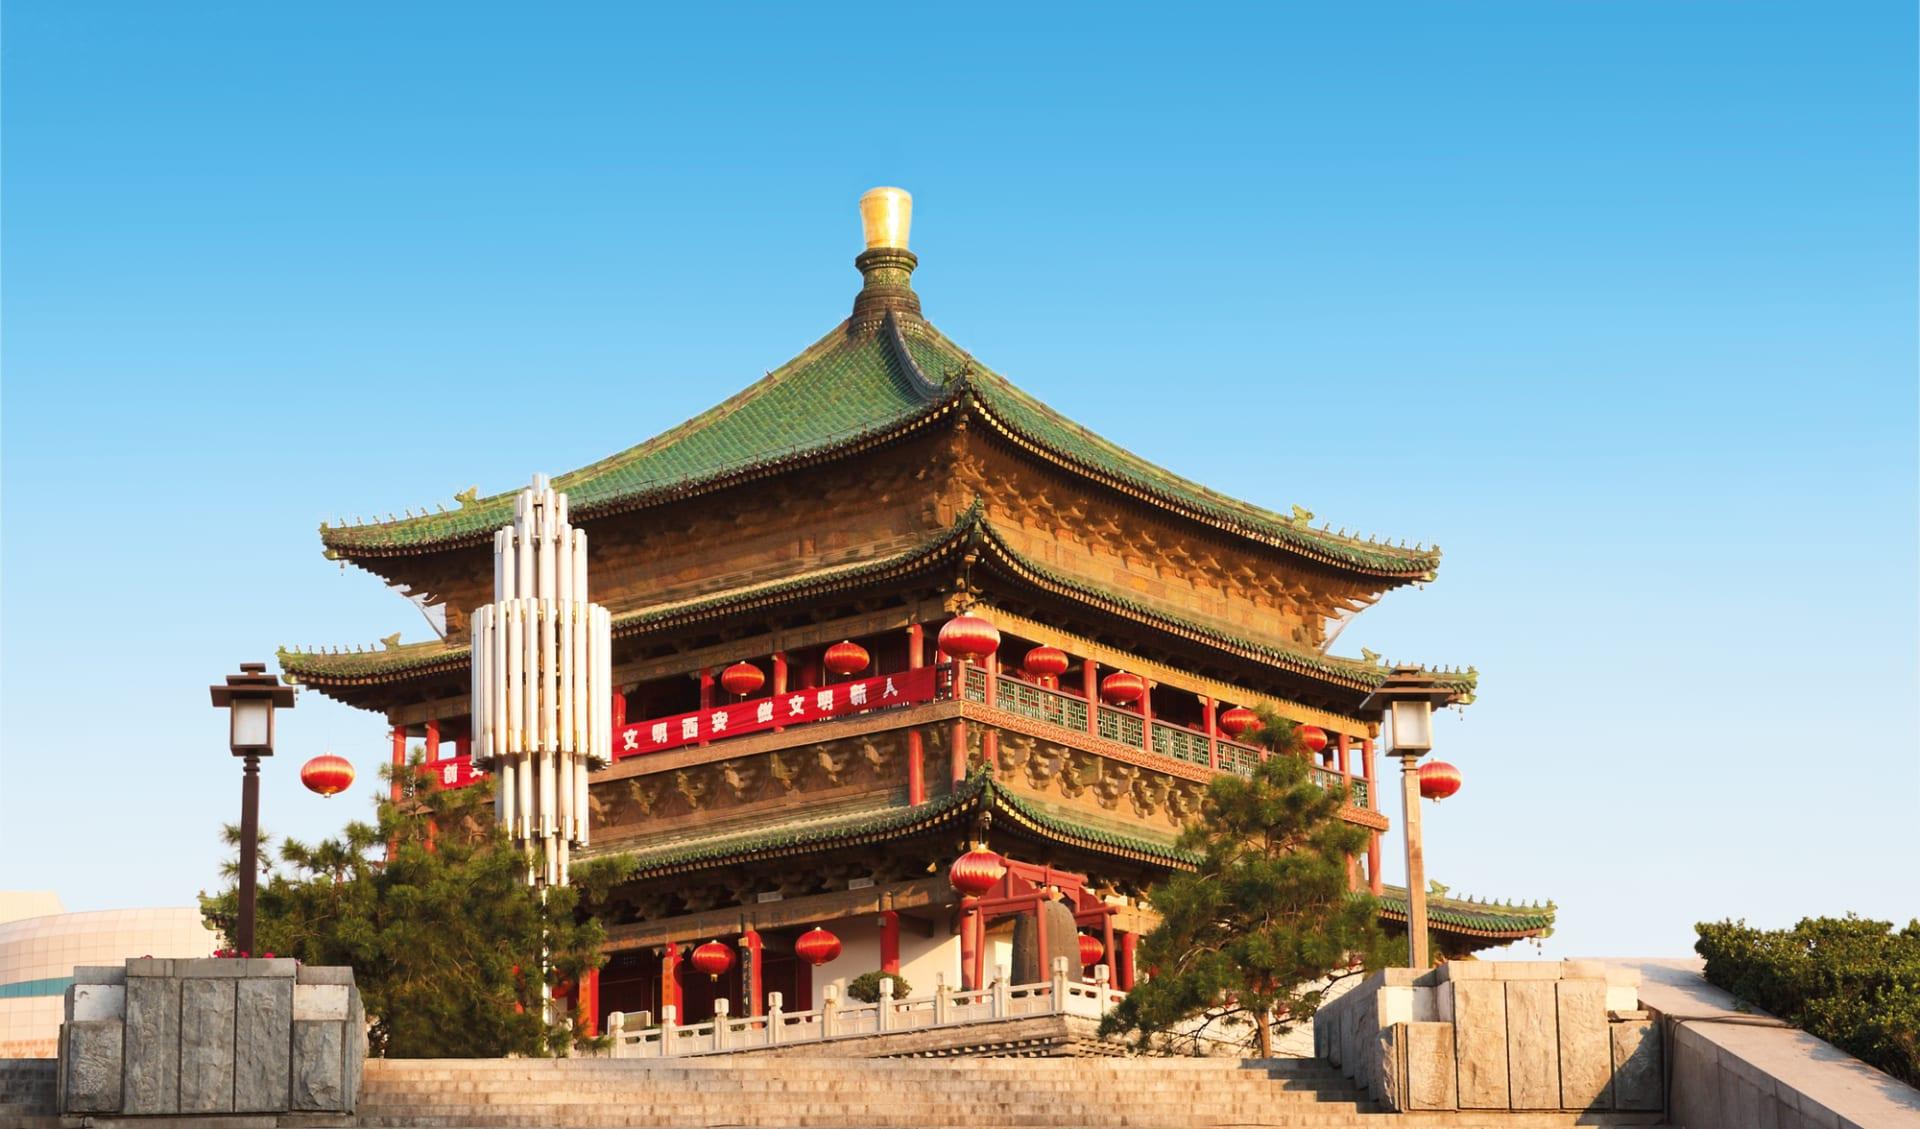 Gruppenreise über das Dach der Welt ab Shanghai: Chian_Xian_Glockenturm_shutterstock_28551752_NataliyaHora